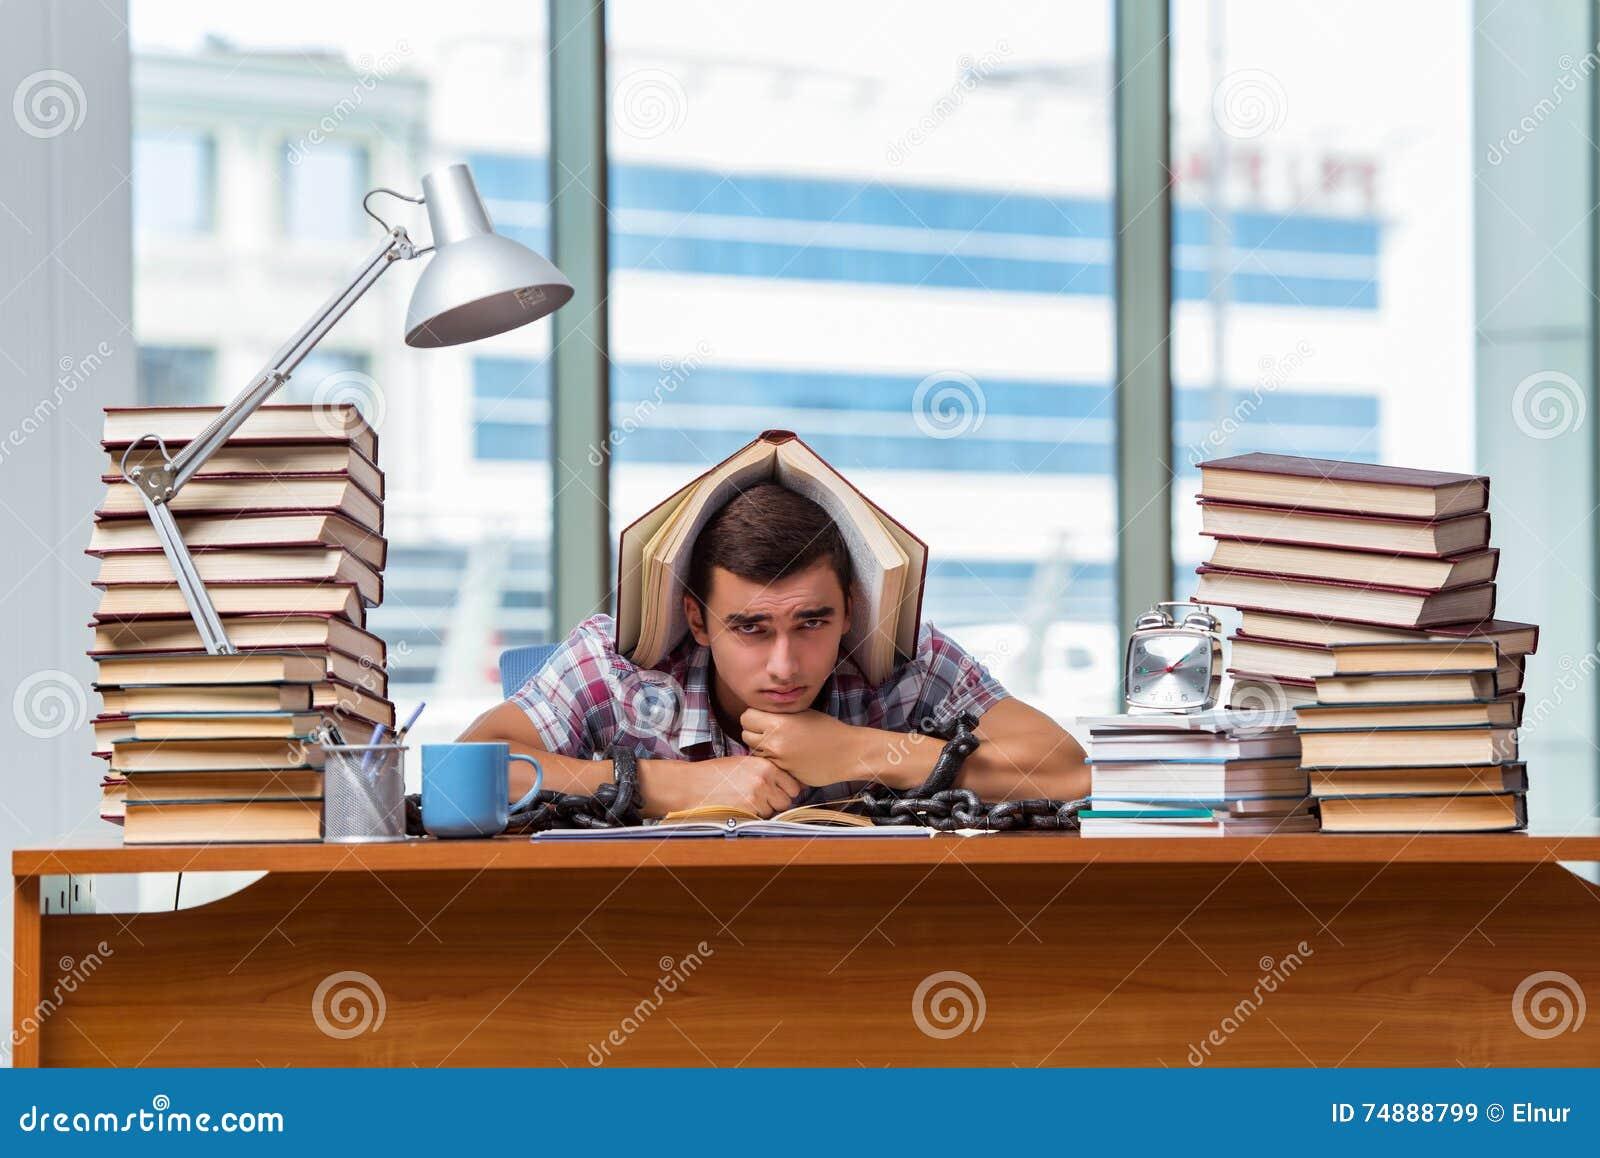 Den unga mannen som förbereder sig för avläggande av examenexamina i högskola